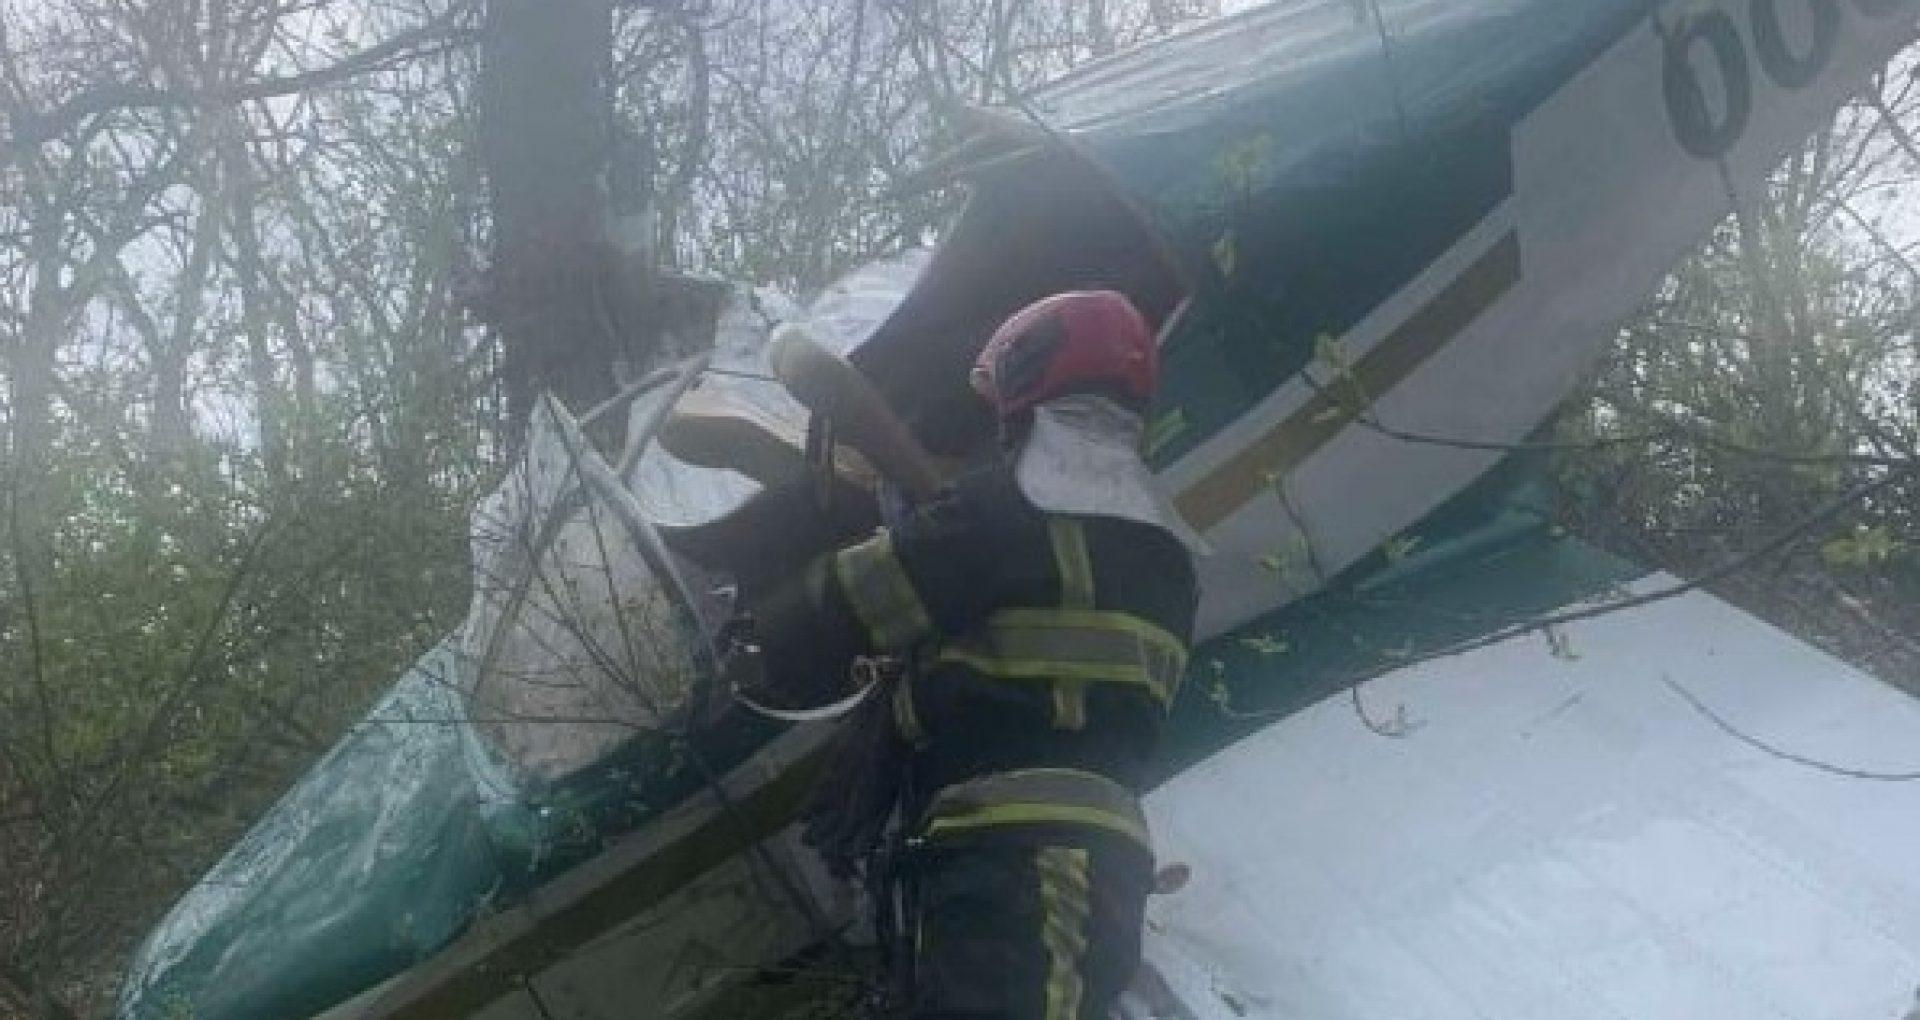 FOTO/ Un avion de mici dimensiuni s-a prăbușit la Vadul lui Vodă